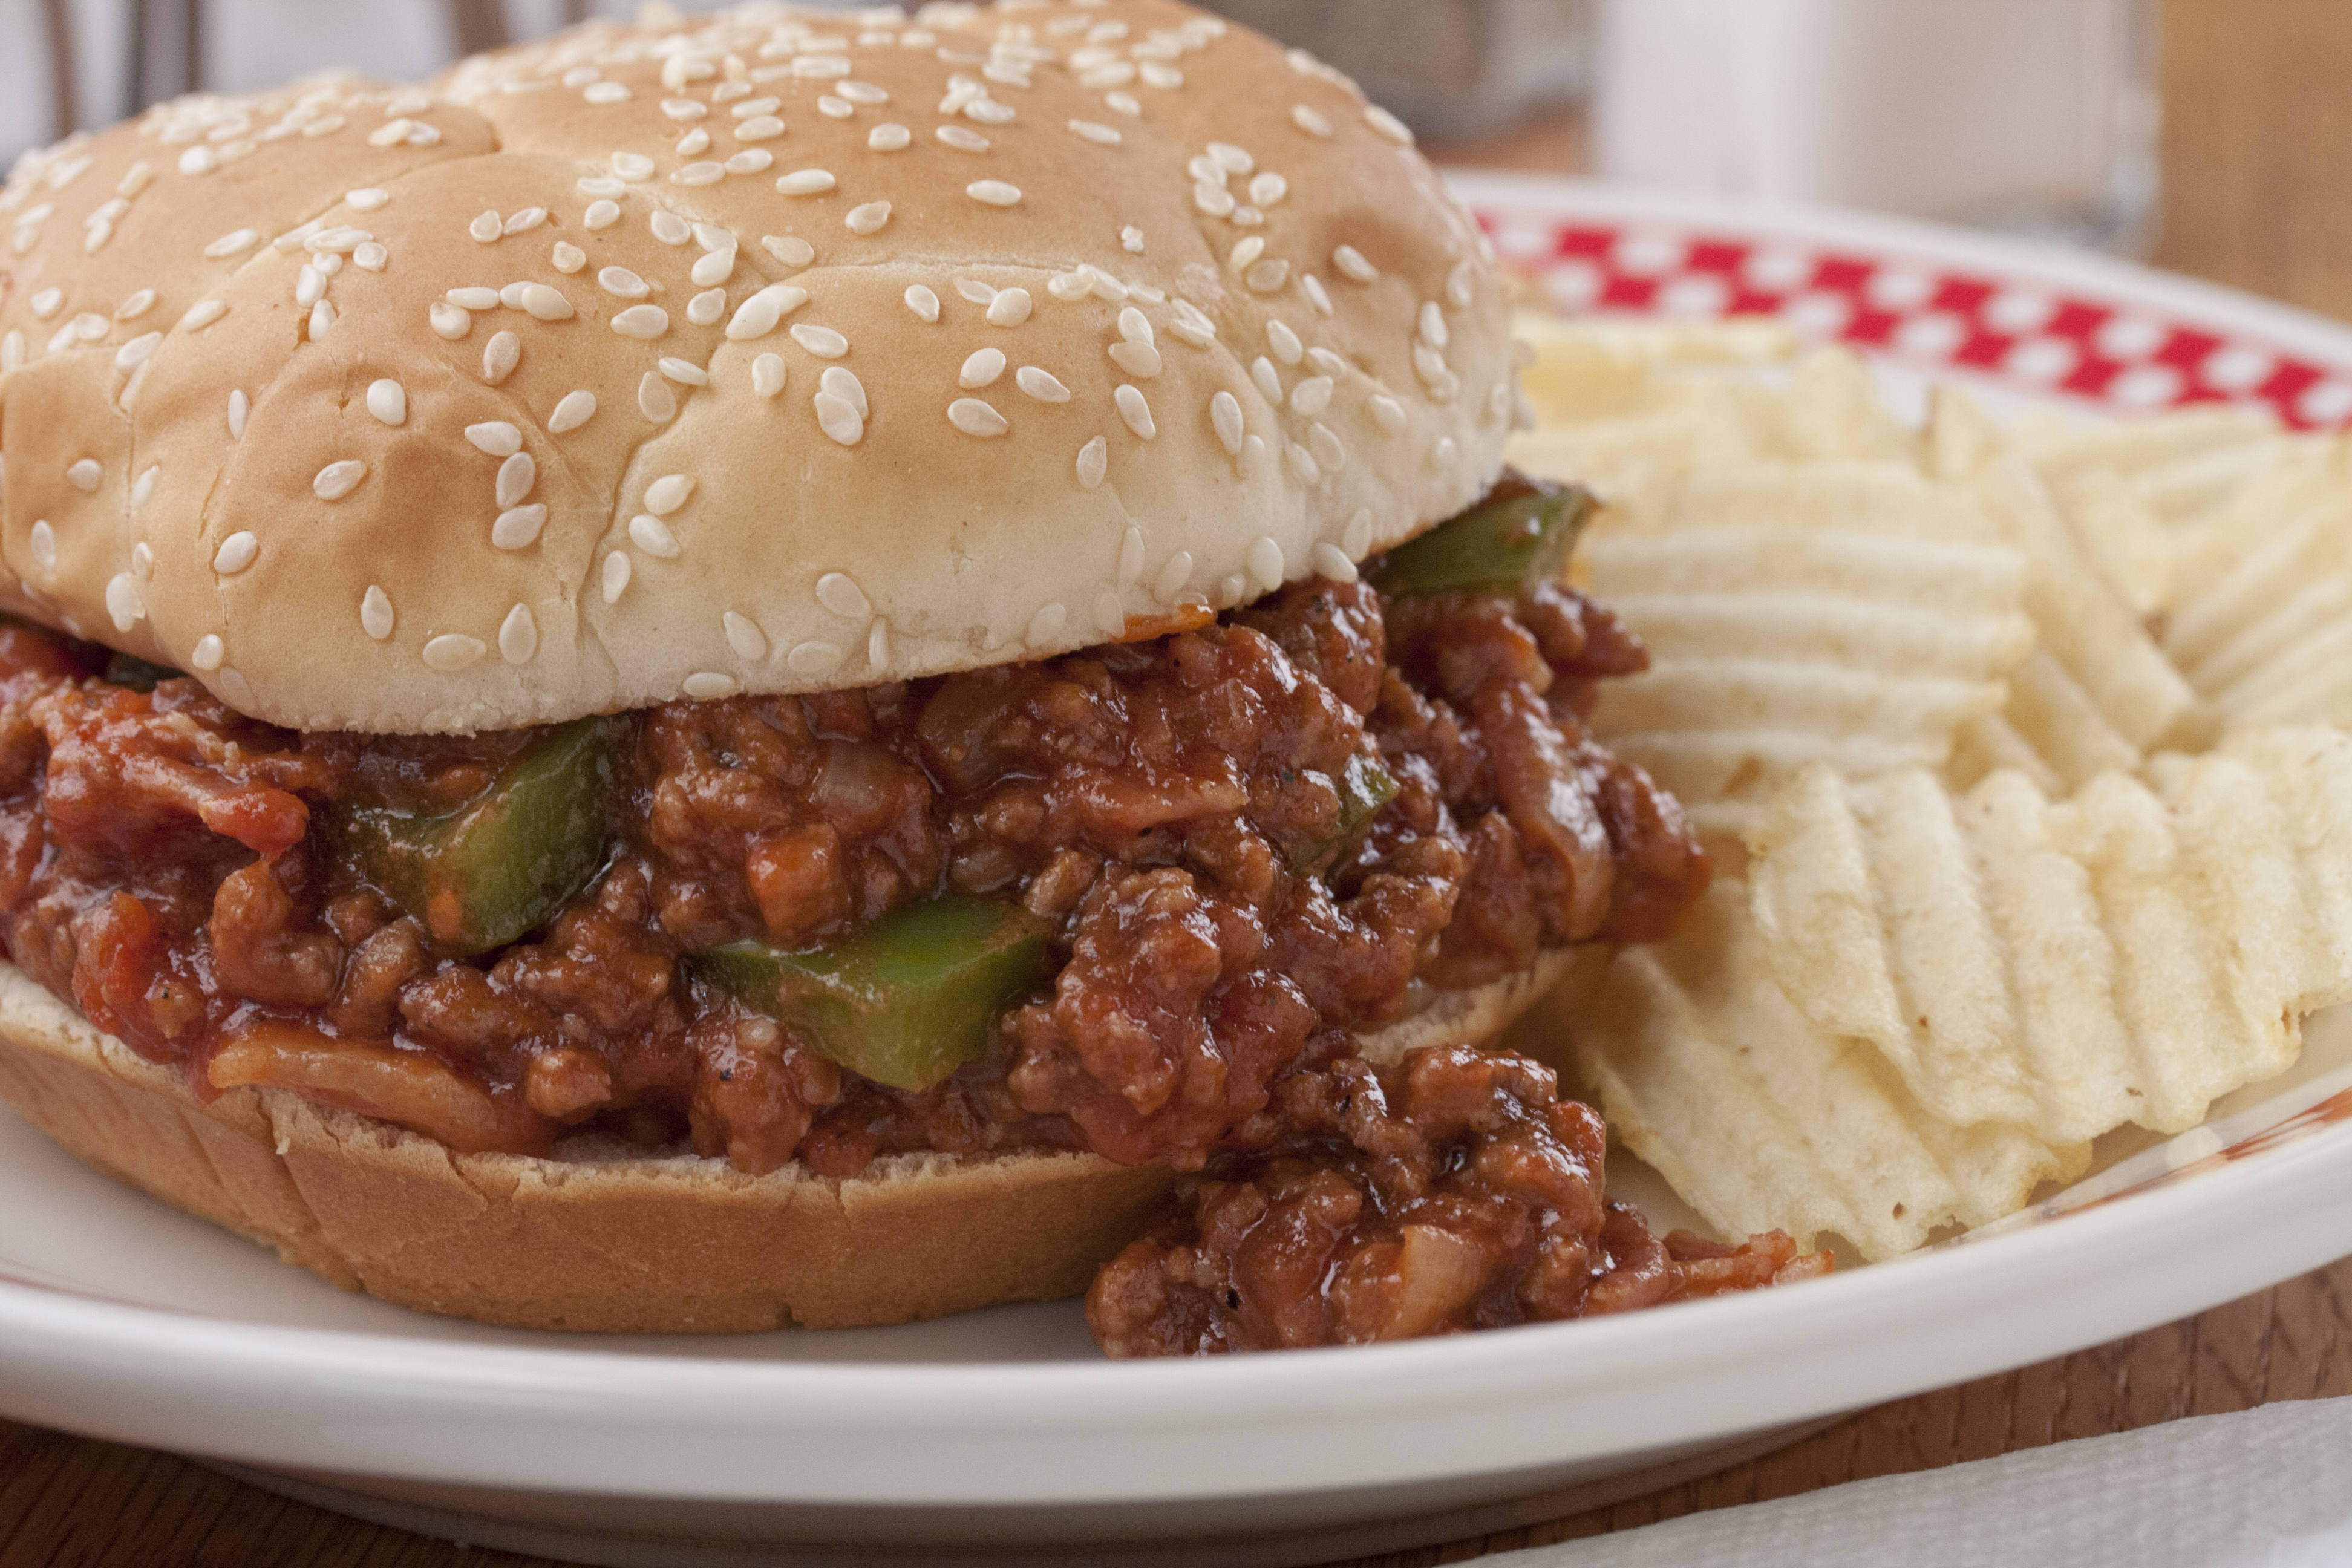 Top 7 Ground Beef Dinner Ideas